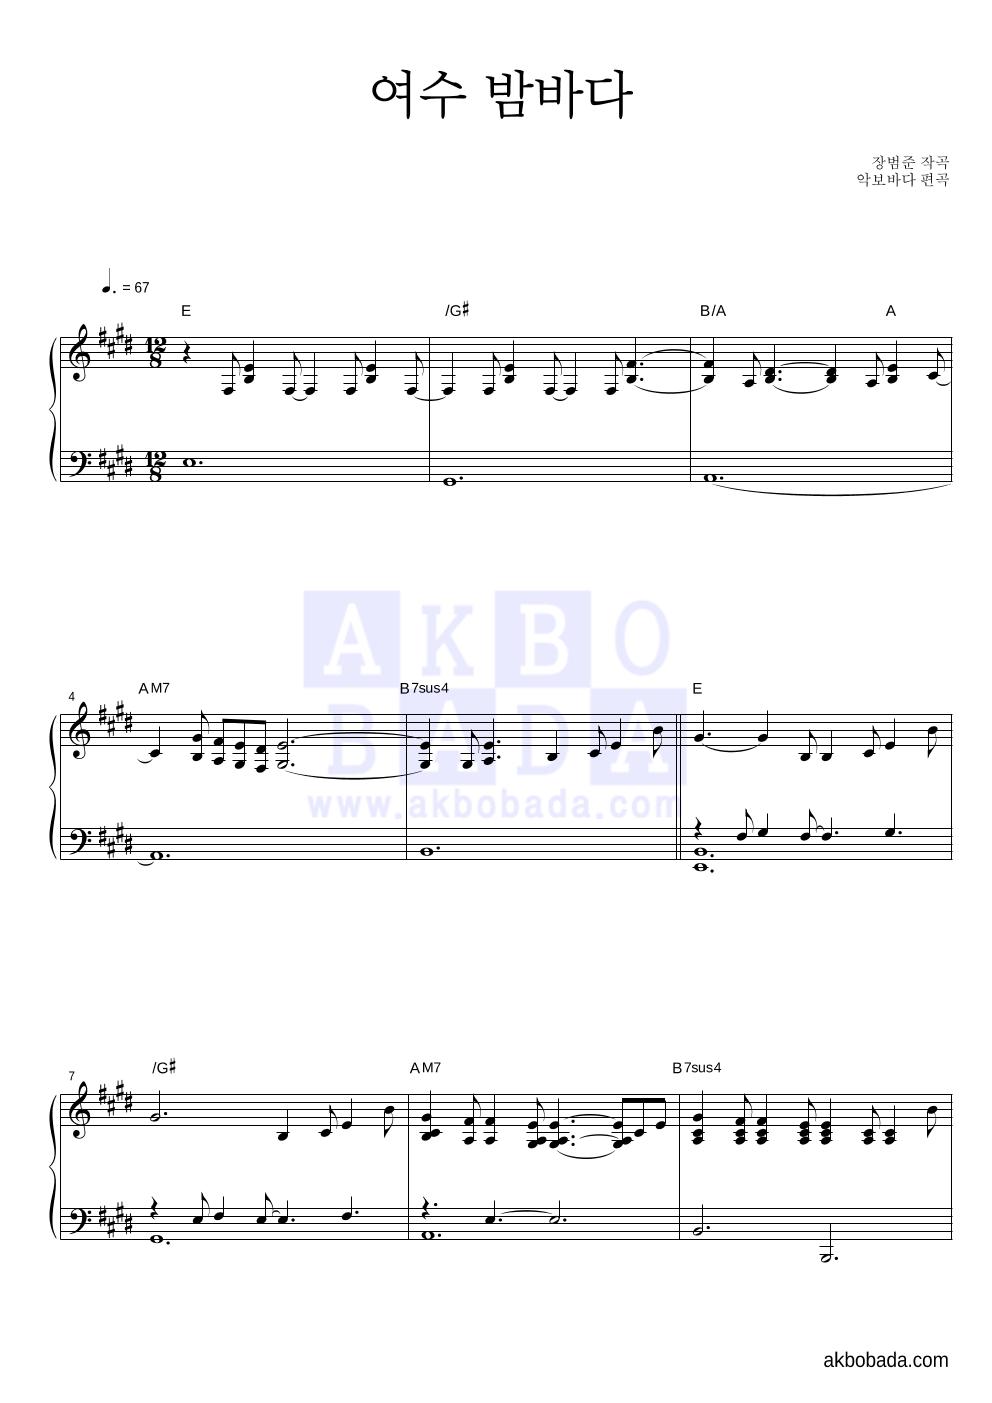 버스커 버스커 - 여수 밤바다 피아노 마스터 악보